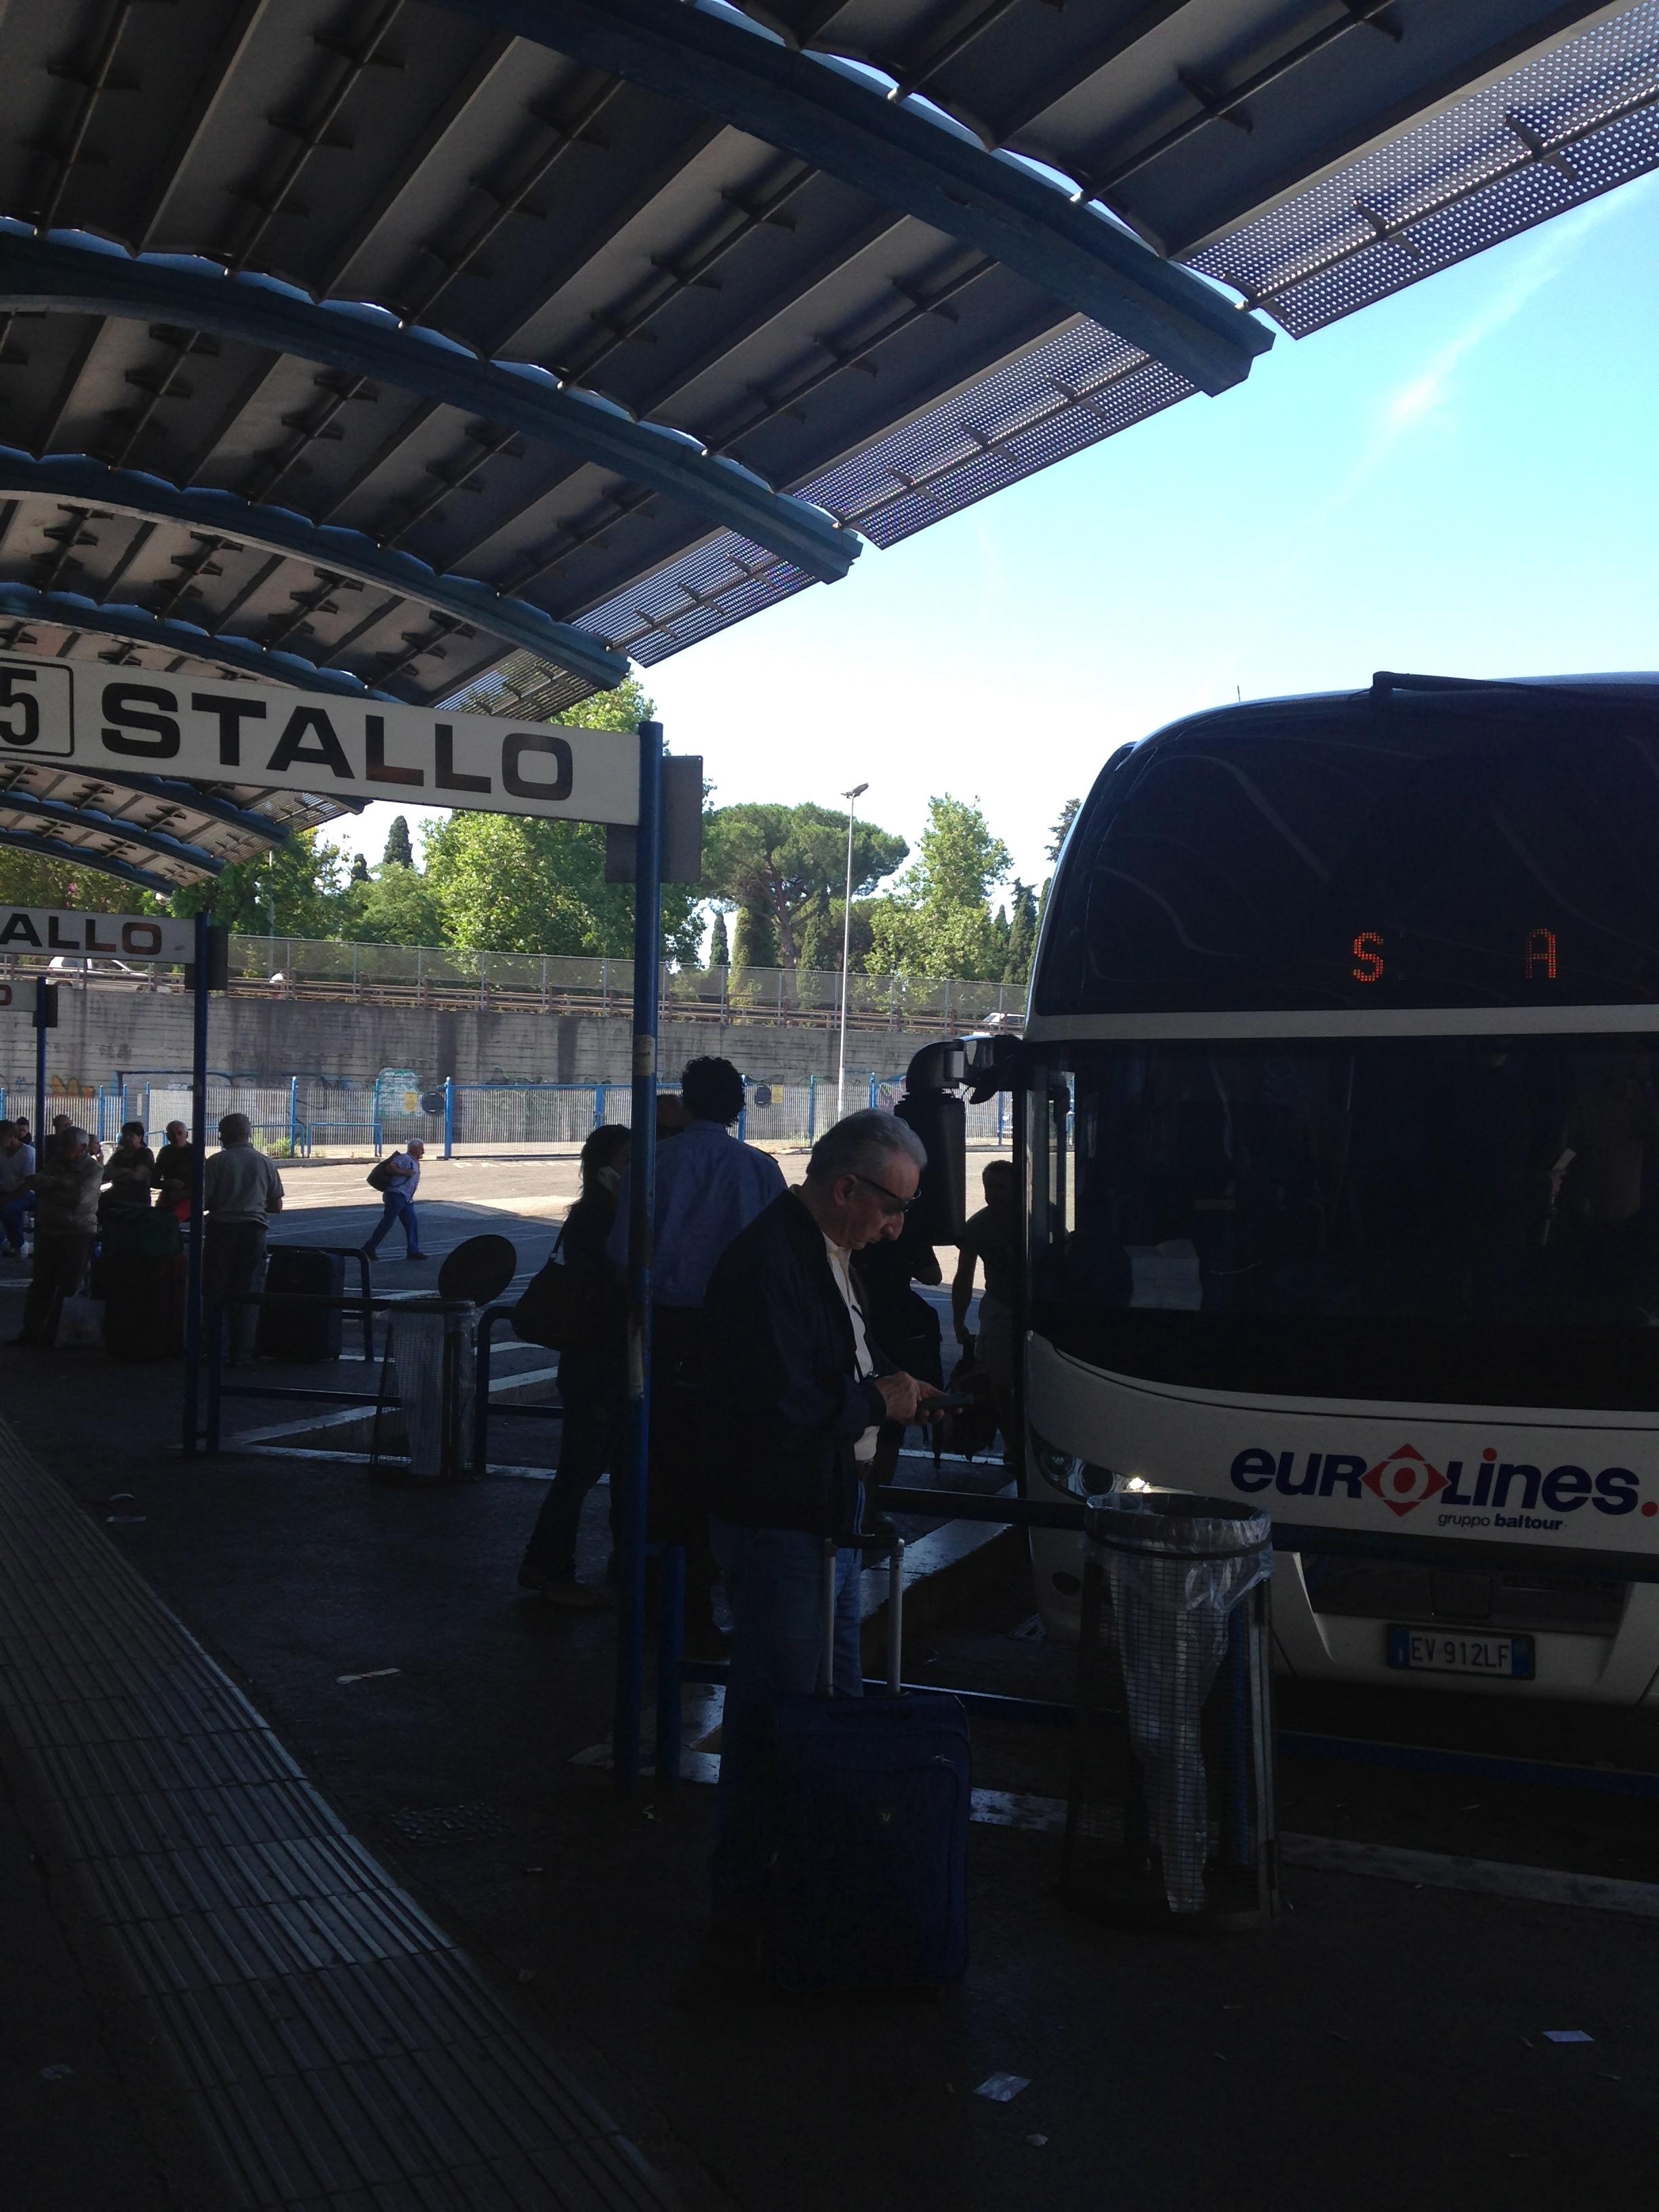 Your Sena bus at Stallo 5!